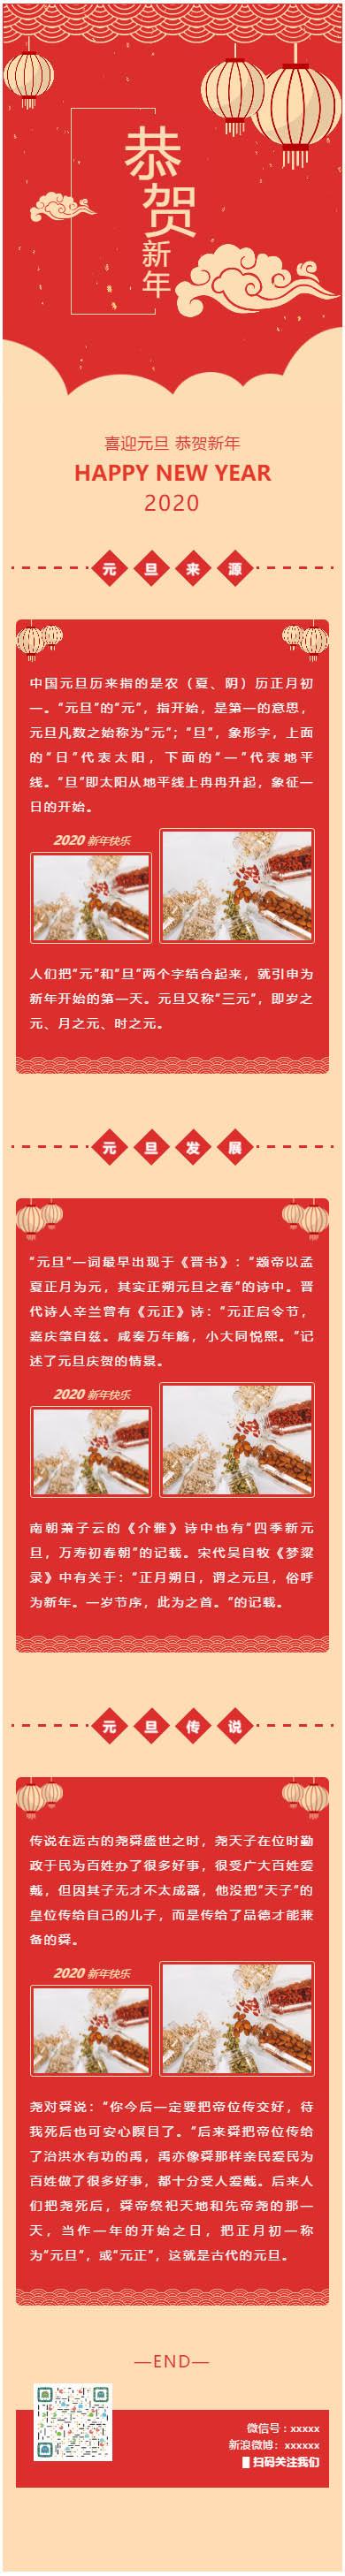 中国元旦新年微信公众号推文模板红色灯笼中国年推送图文